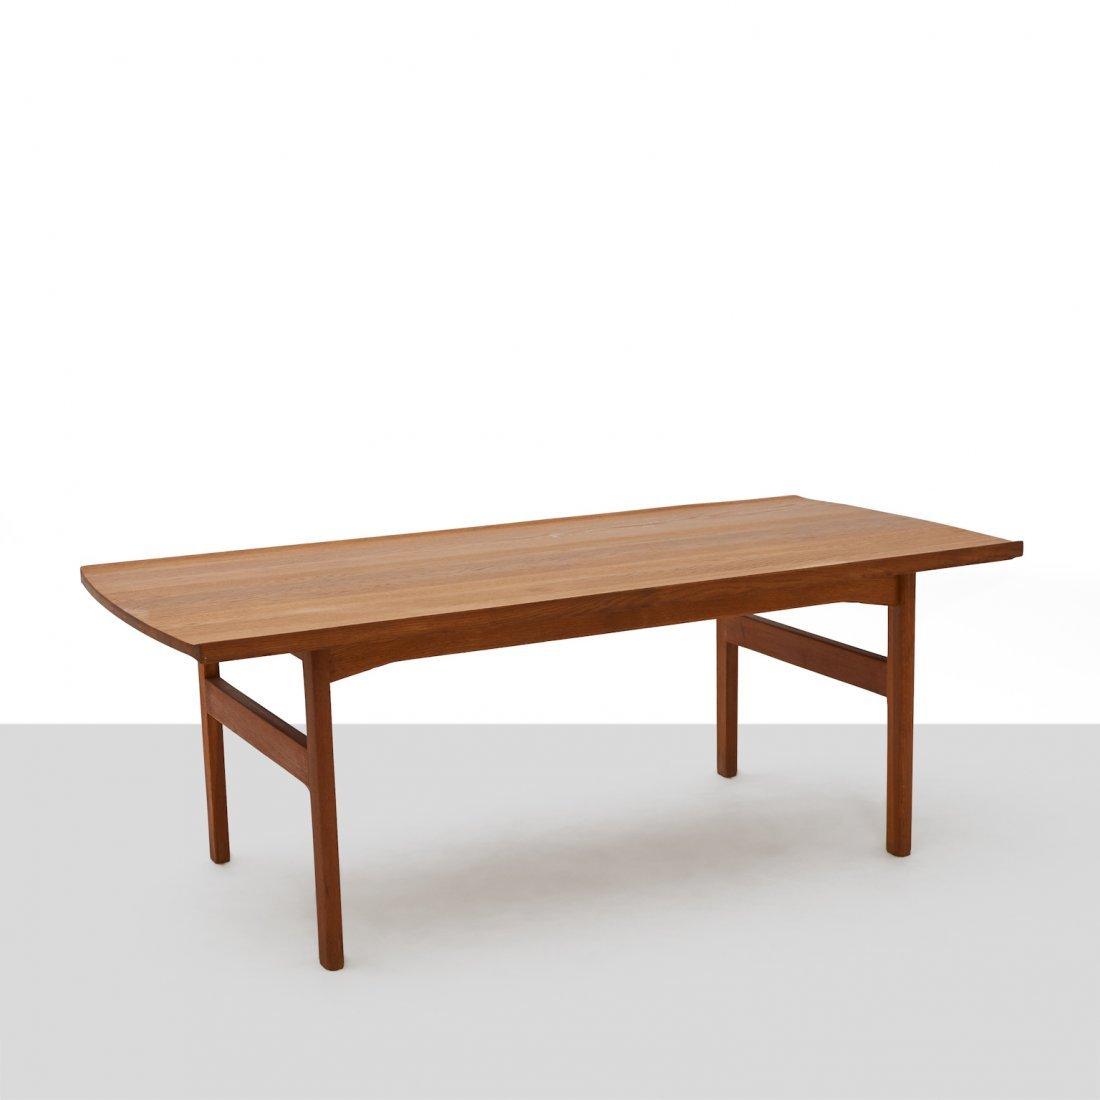 Tove & Edvard Kindt-Larsen, Coffee Table